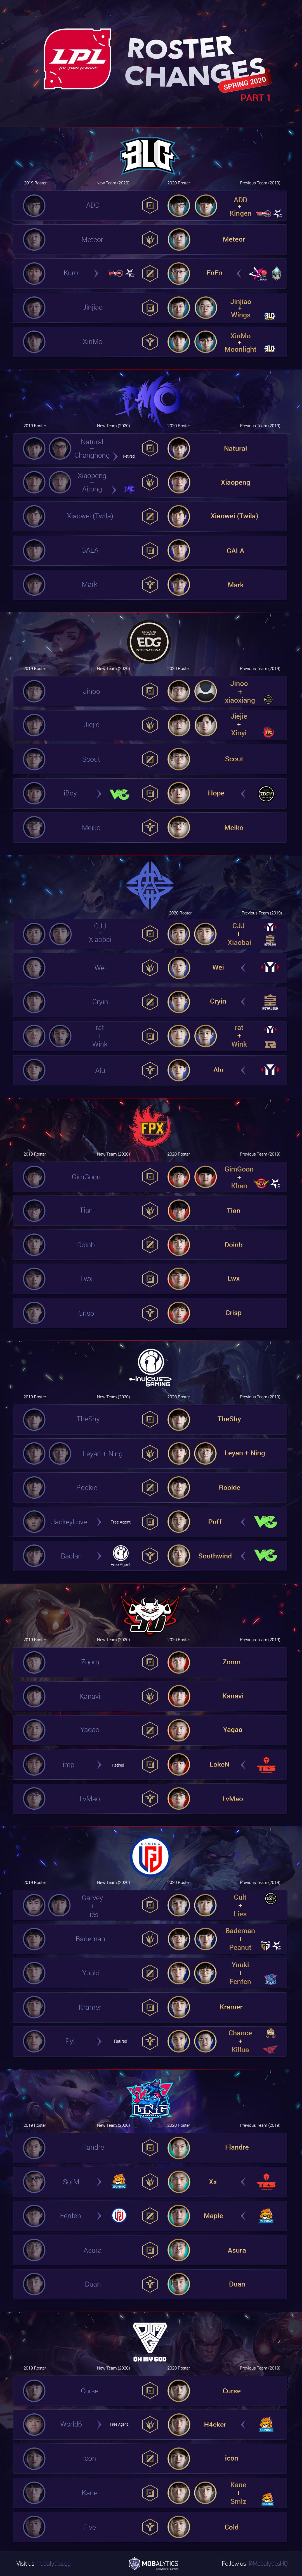 LPL Rosters Part I